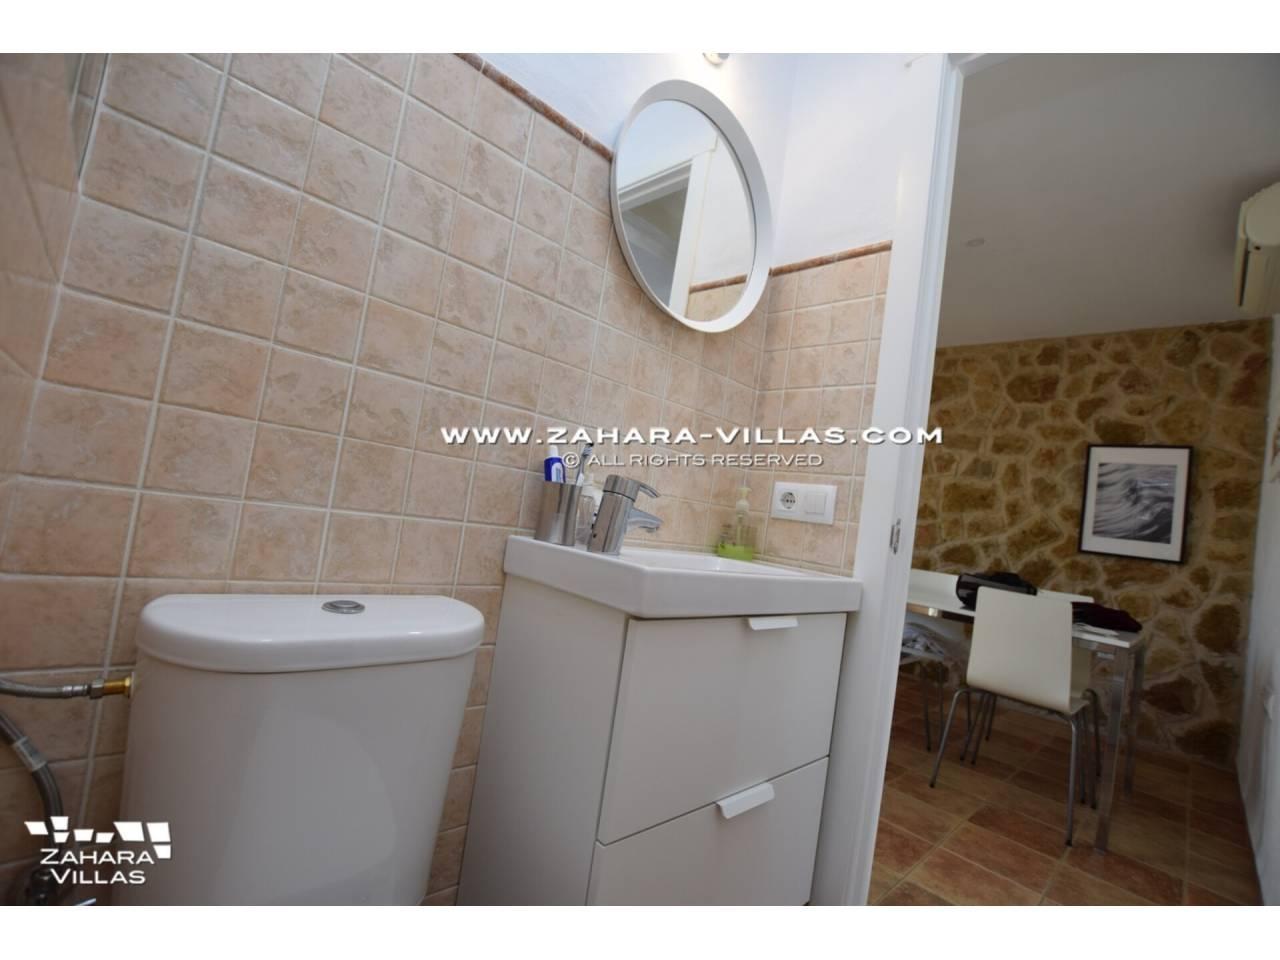 Imagen 25 de Haus zum verkauf in Zahara de los Atunes